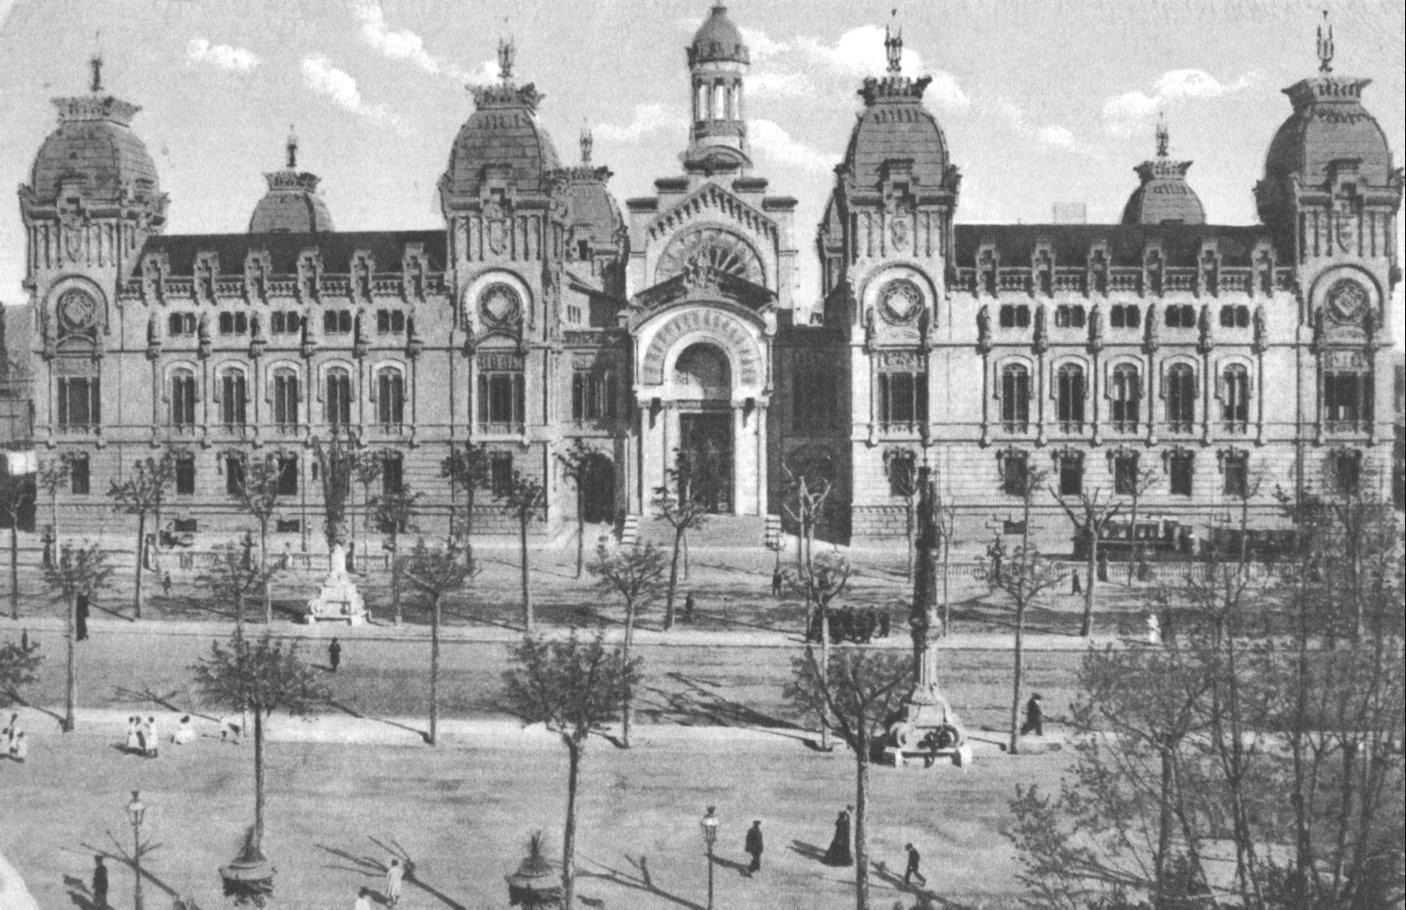 Resultado de imagen de palacio de justicia barcelona exposicion 1888